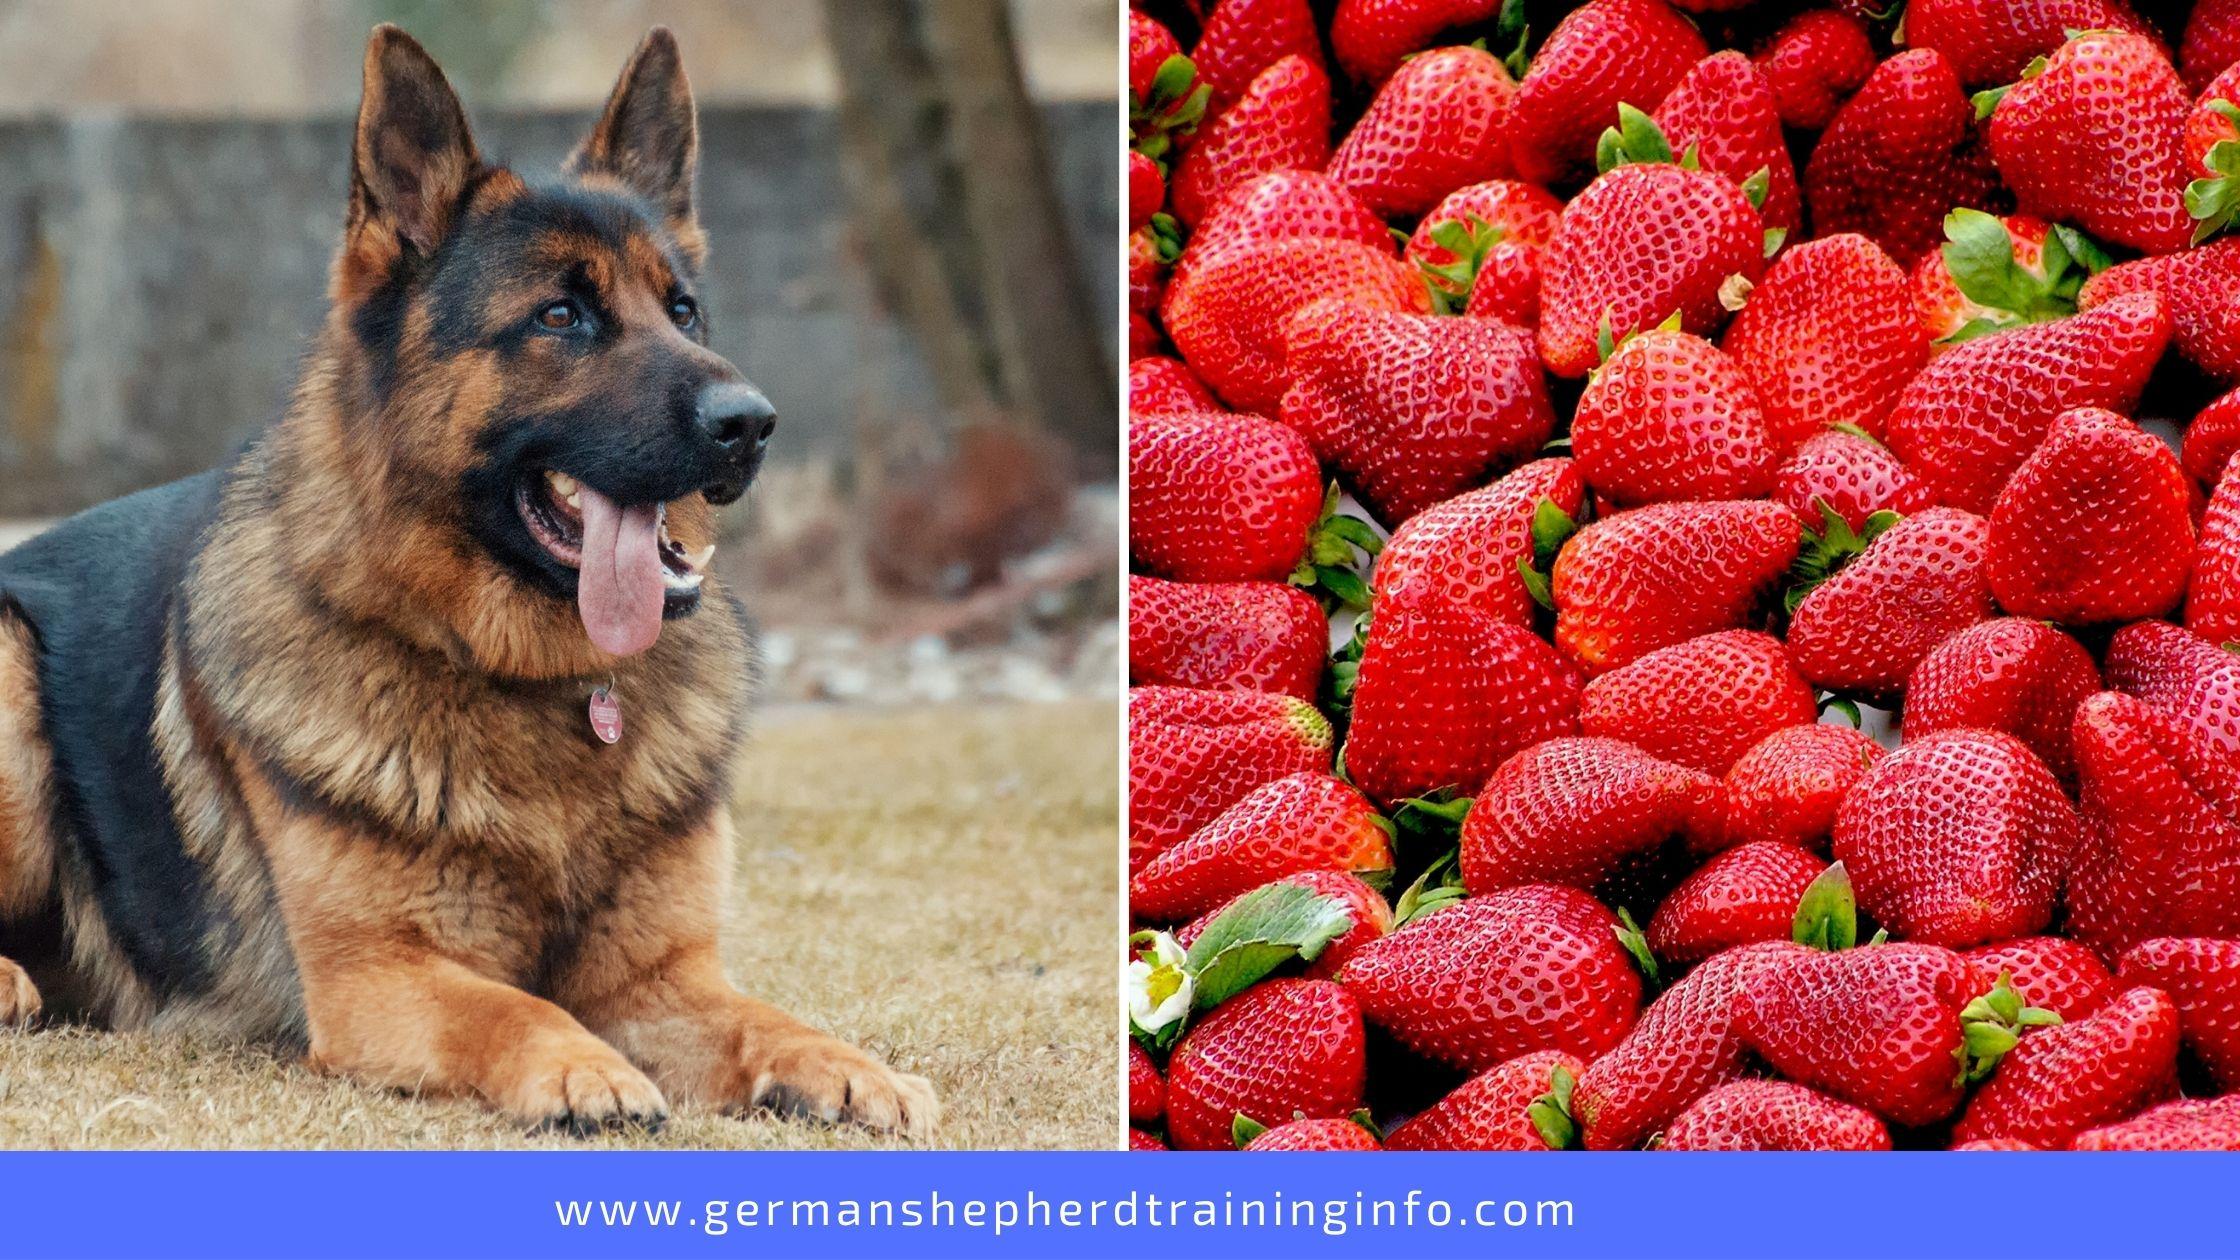 Can German Shepherds Eat Strawberries?